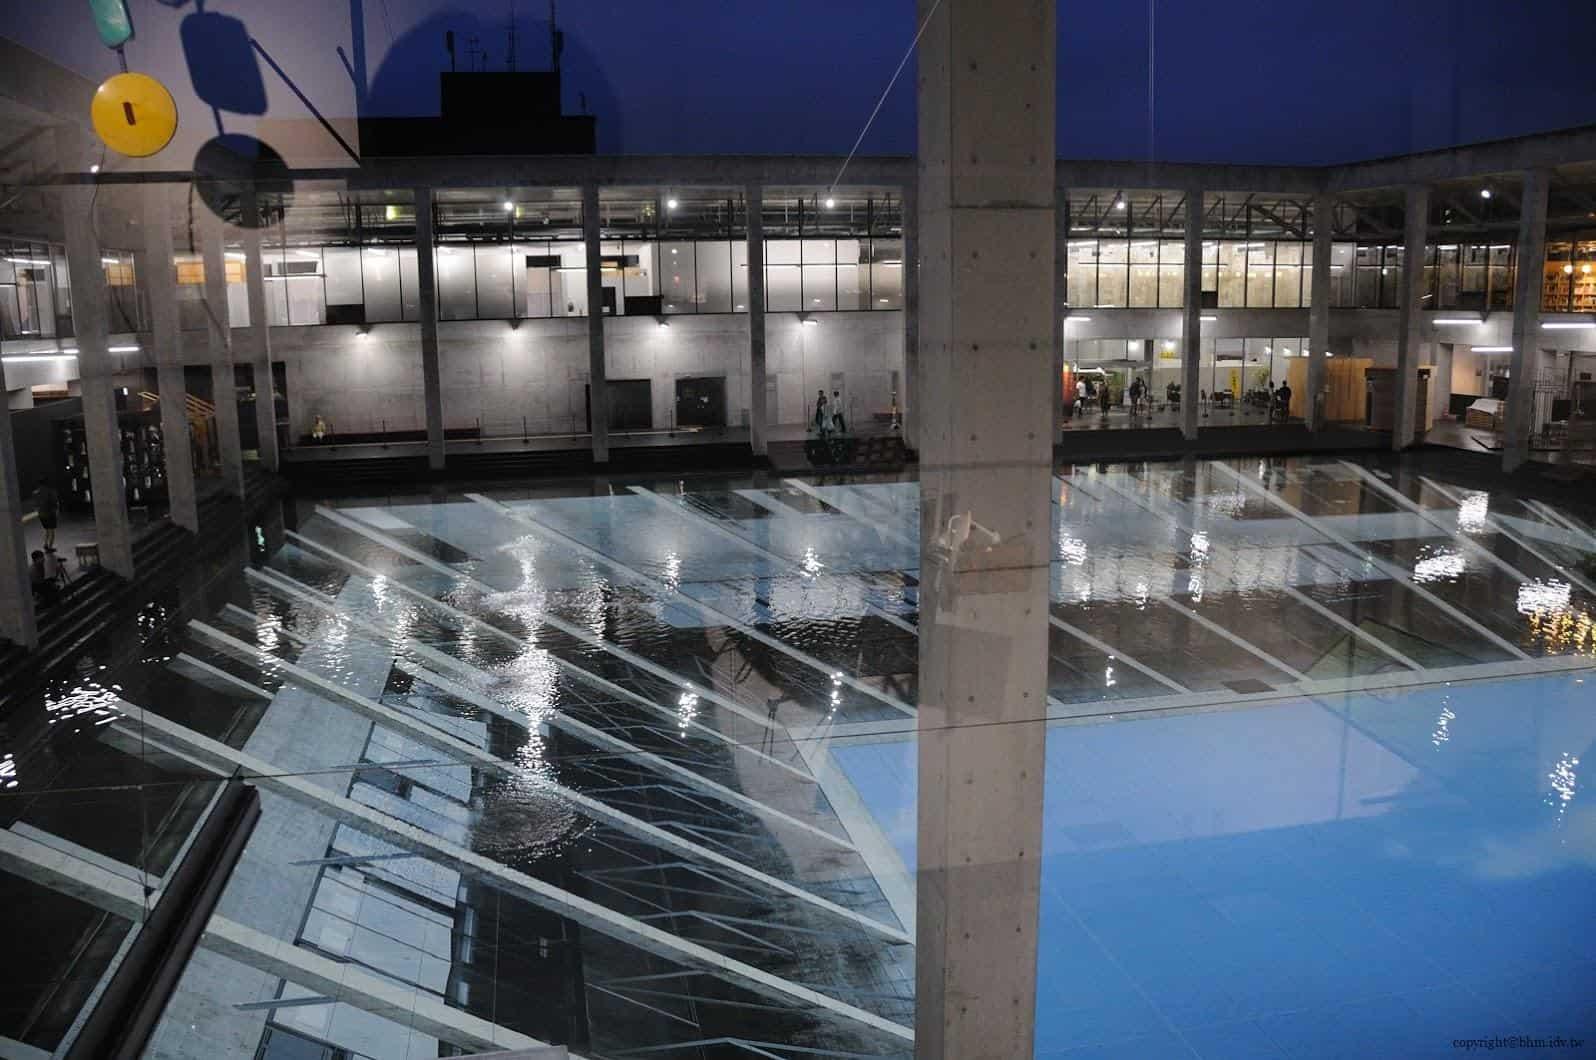 原廣司+ATELIER建築研究所,越後妻有里山現代美術館,阿根廷藝術家厄里奇,於中庭展出反射幻覺的大型情境作品。到了二樓,原本一樓無意義的紋路,突然似乎有了意義。而明明已經是晚上了,為何水中會反射中藍天白雲呢?水底的景象真的是在「反射」景象嗎? 越後妻有里山現代美術館 越後妻有里山現代美術館 echigo tsumari kouryukan echigo tsumari exchange center 22